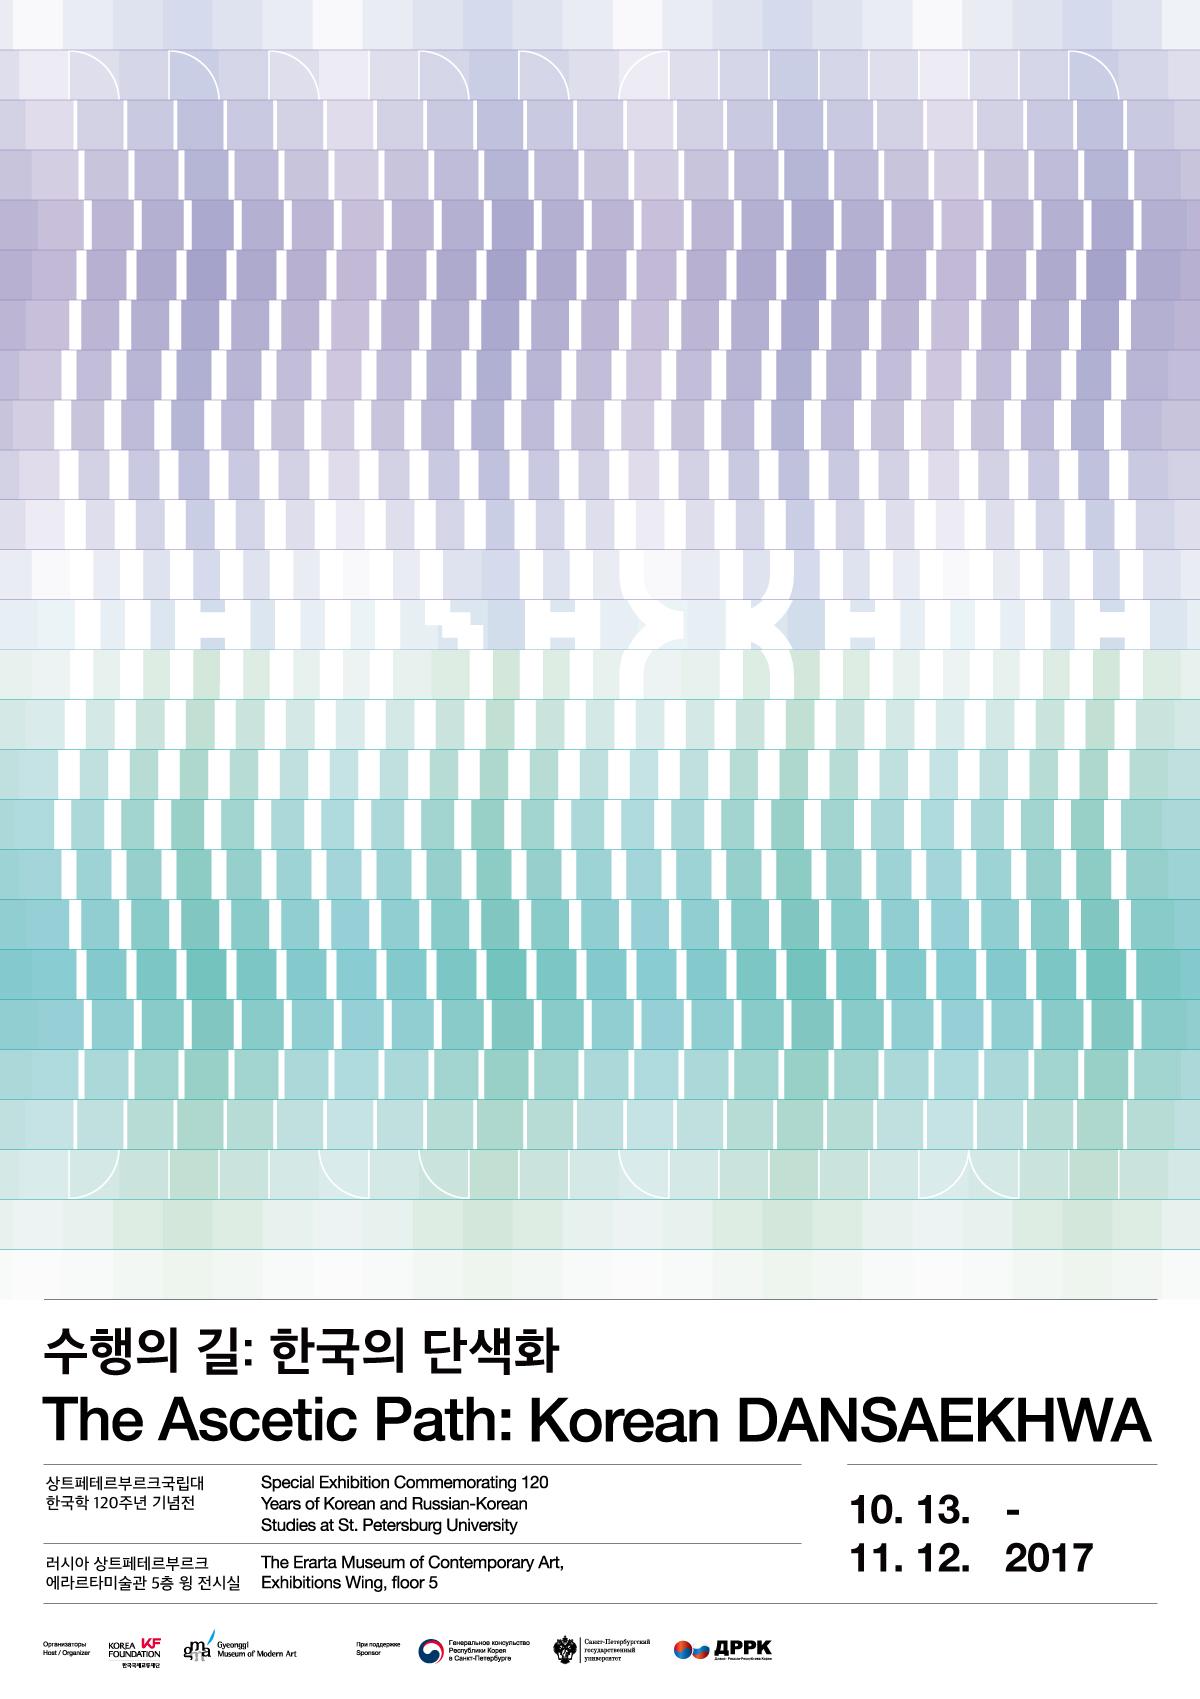 The Ascetic Path: Korean DANSAEKHWA